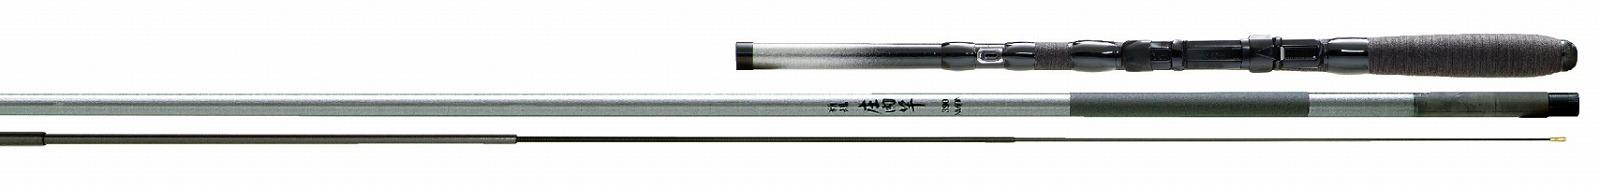 送料無料 即日発送 宇崎日新 精魂 庄内竿(ショウナイザオ)5.7m(磯竿・チヌ竿)NISSIN Made in Japan日本製